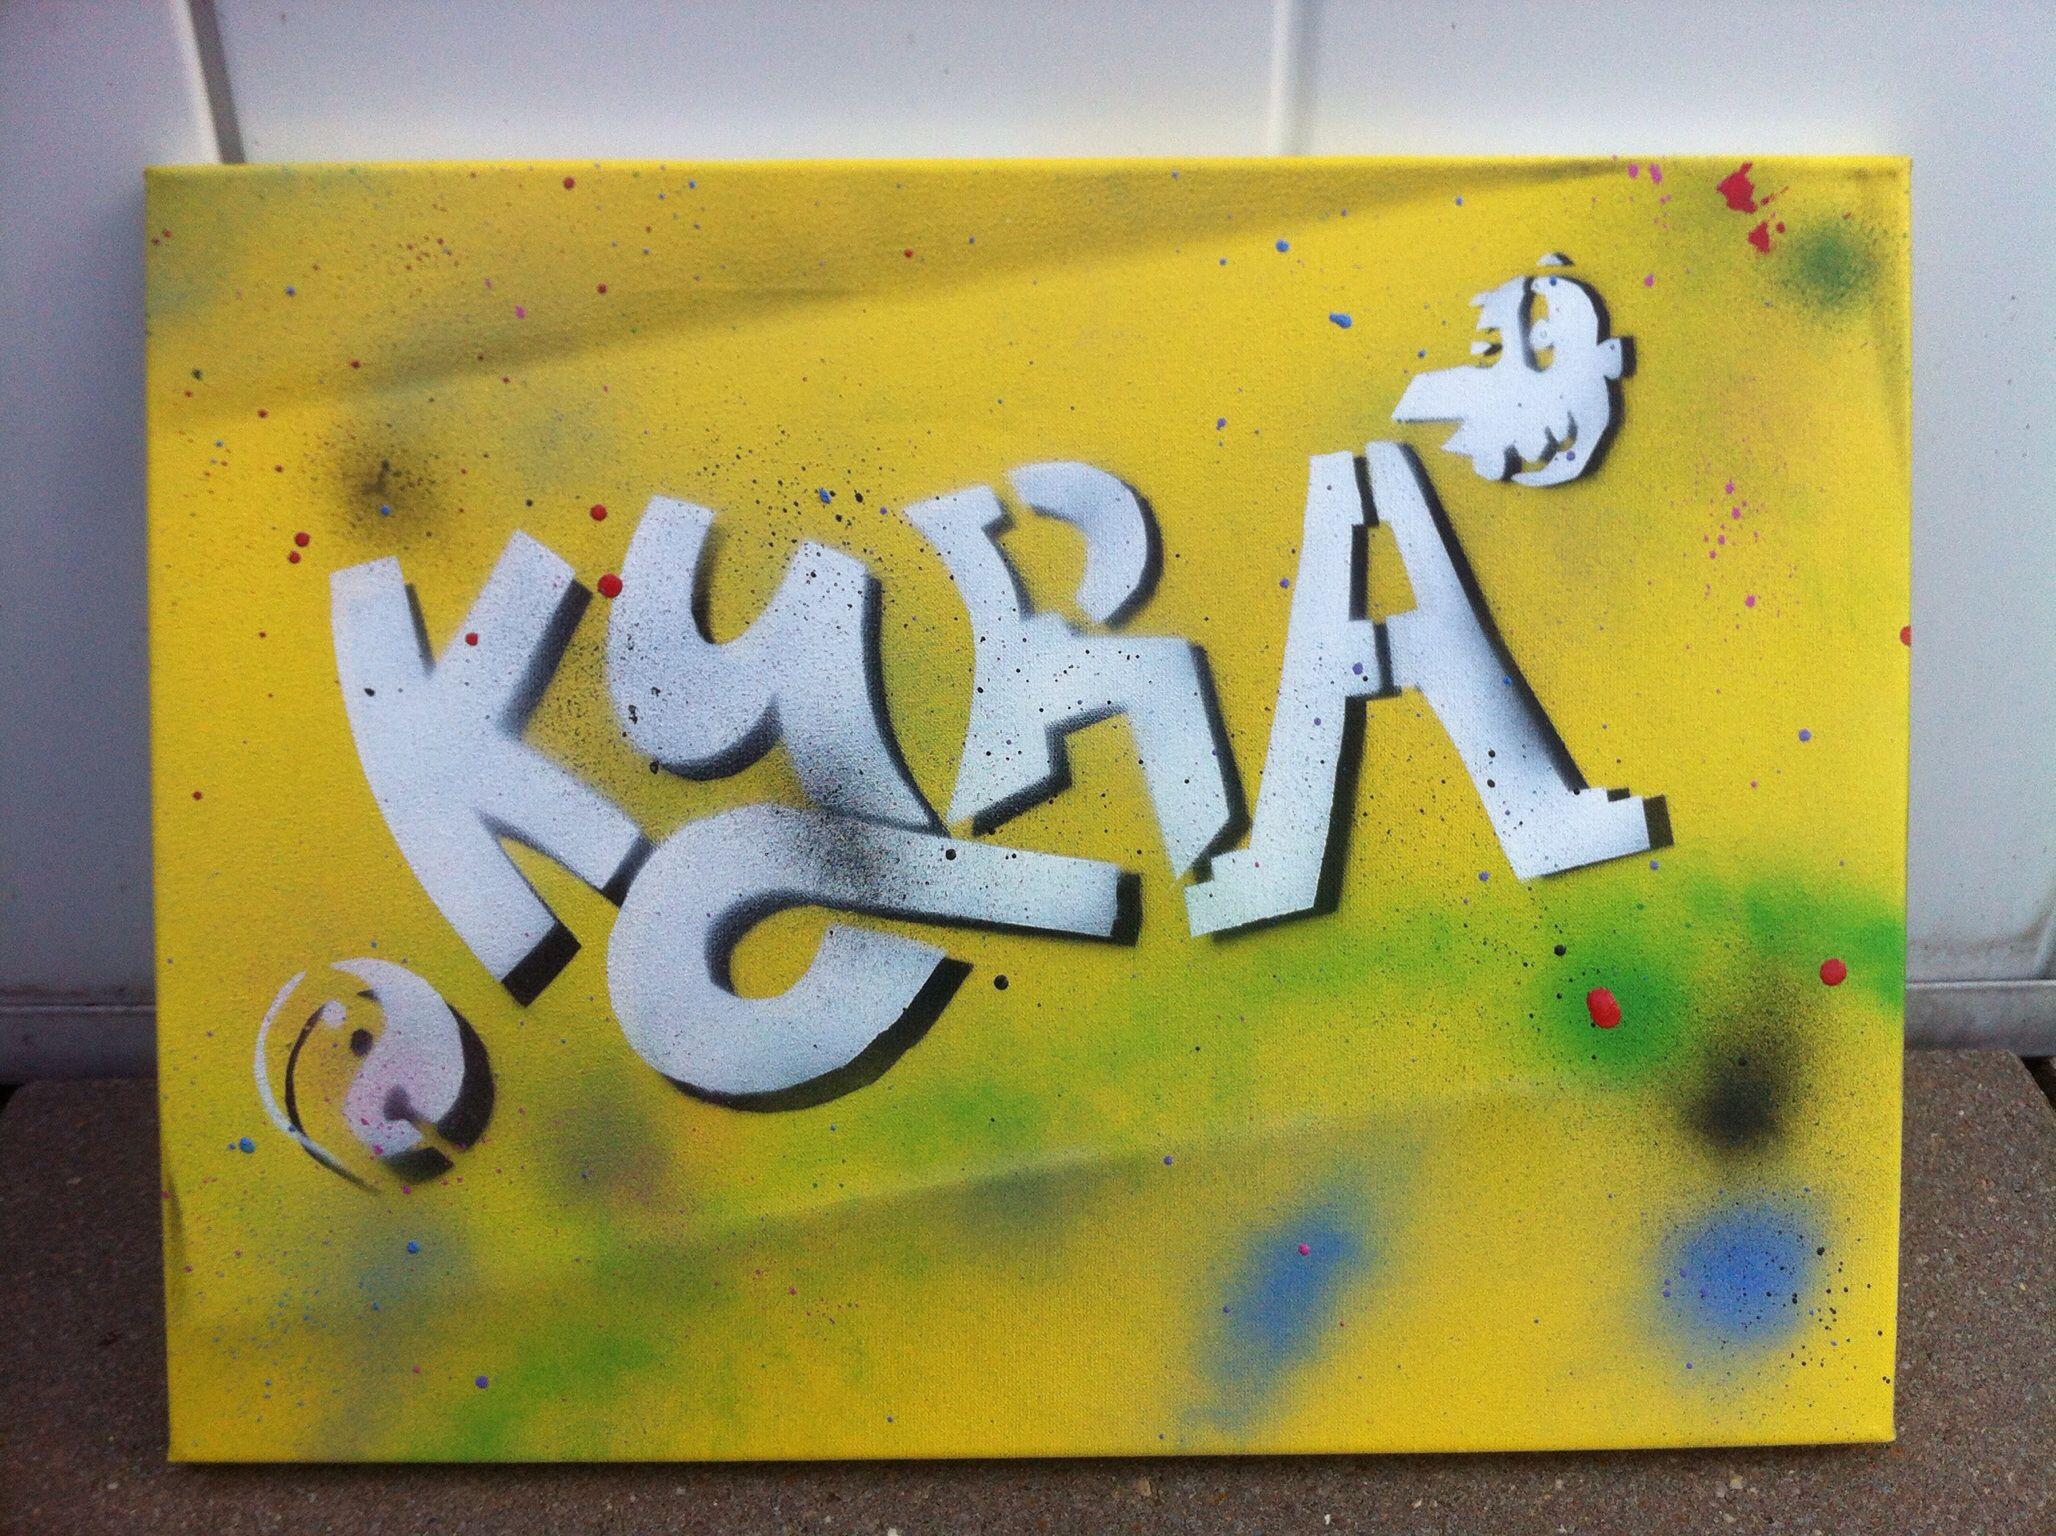 Voor het eerst een graffiti spuitbus in mijn hand gehad